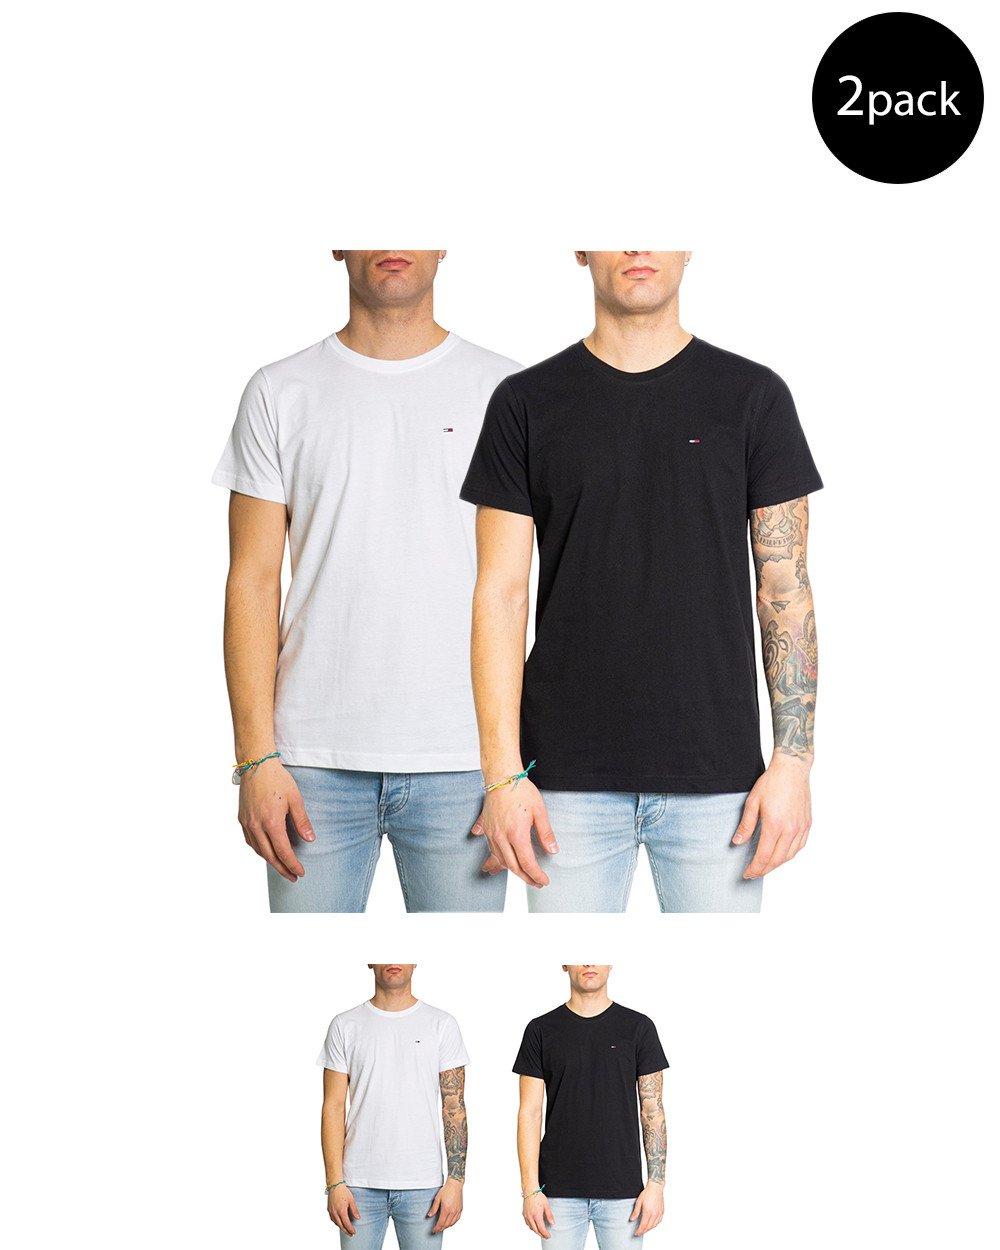 Tommy Hilfiger Jeans Men's T-Shirt Multicolor 213703 - multicolor-1 XS